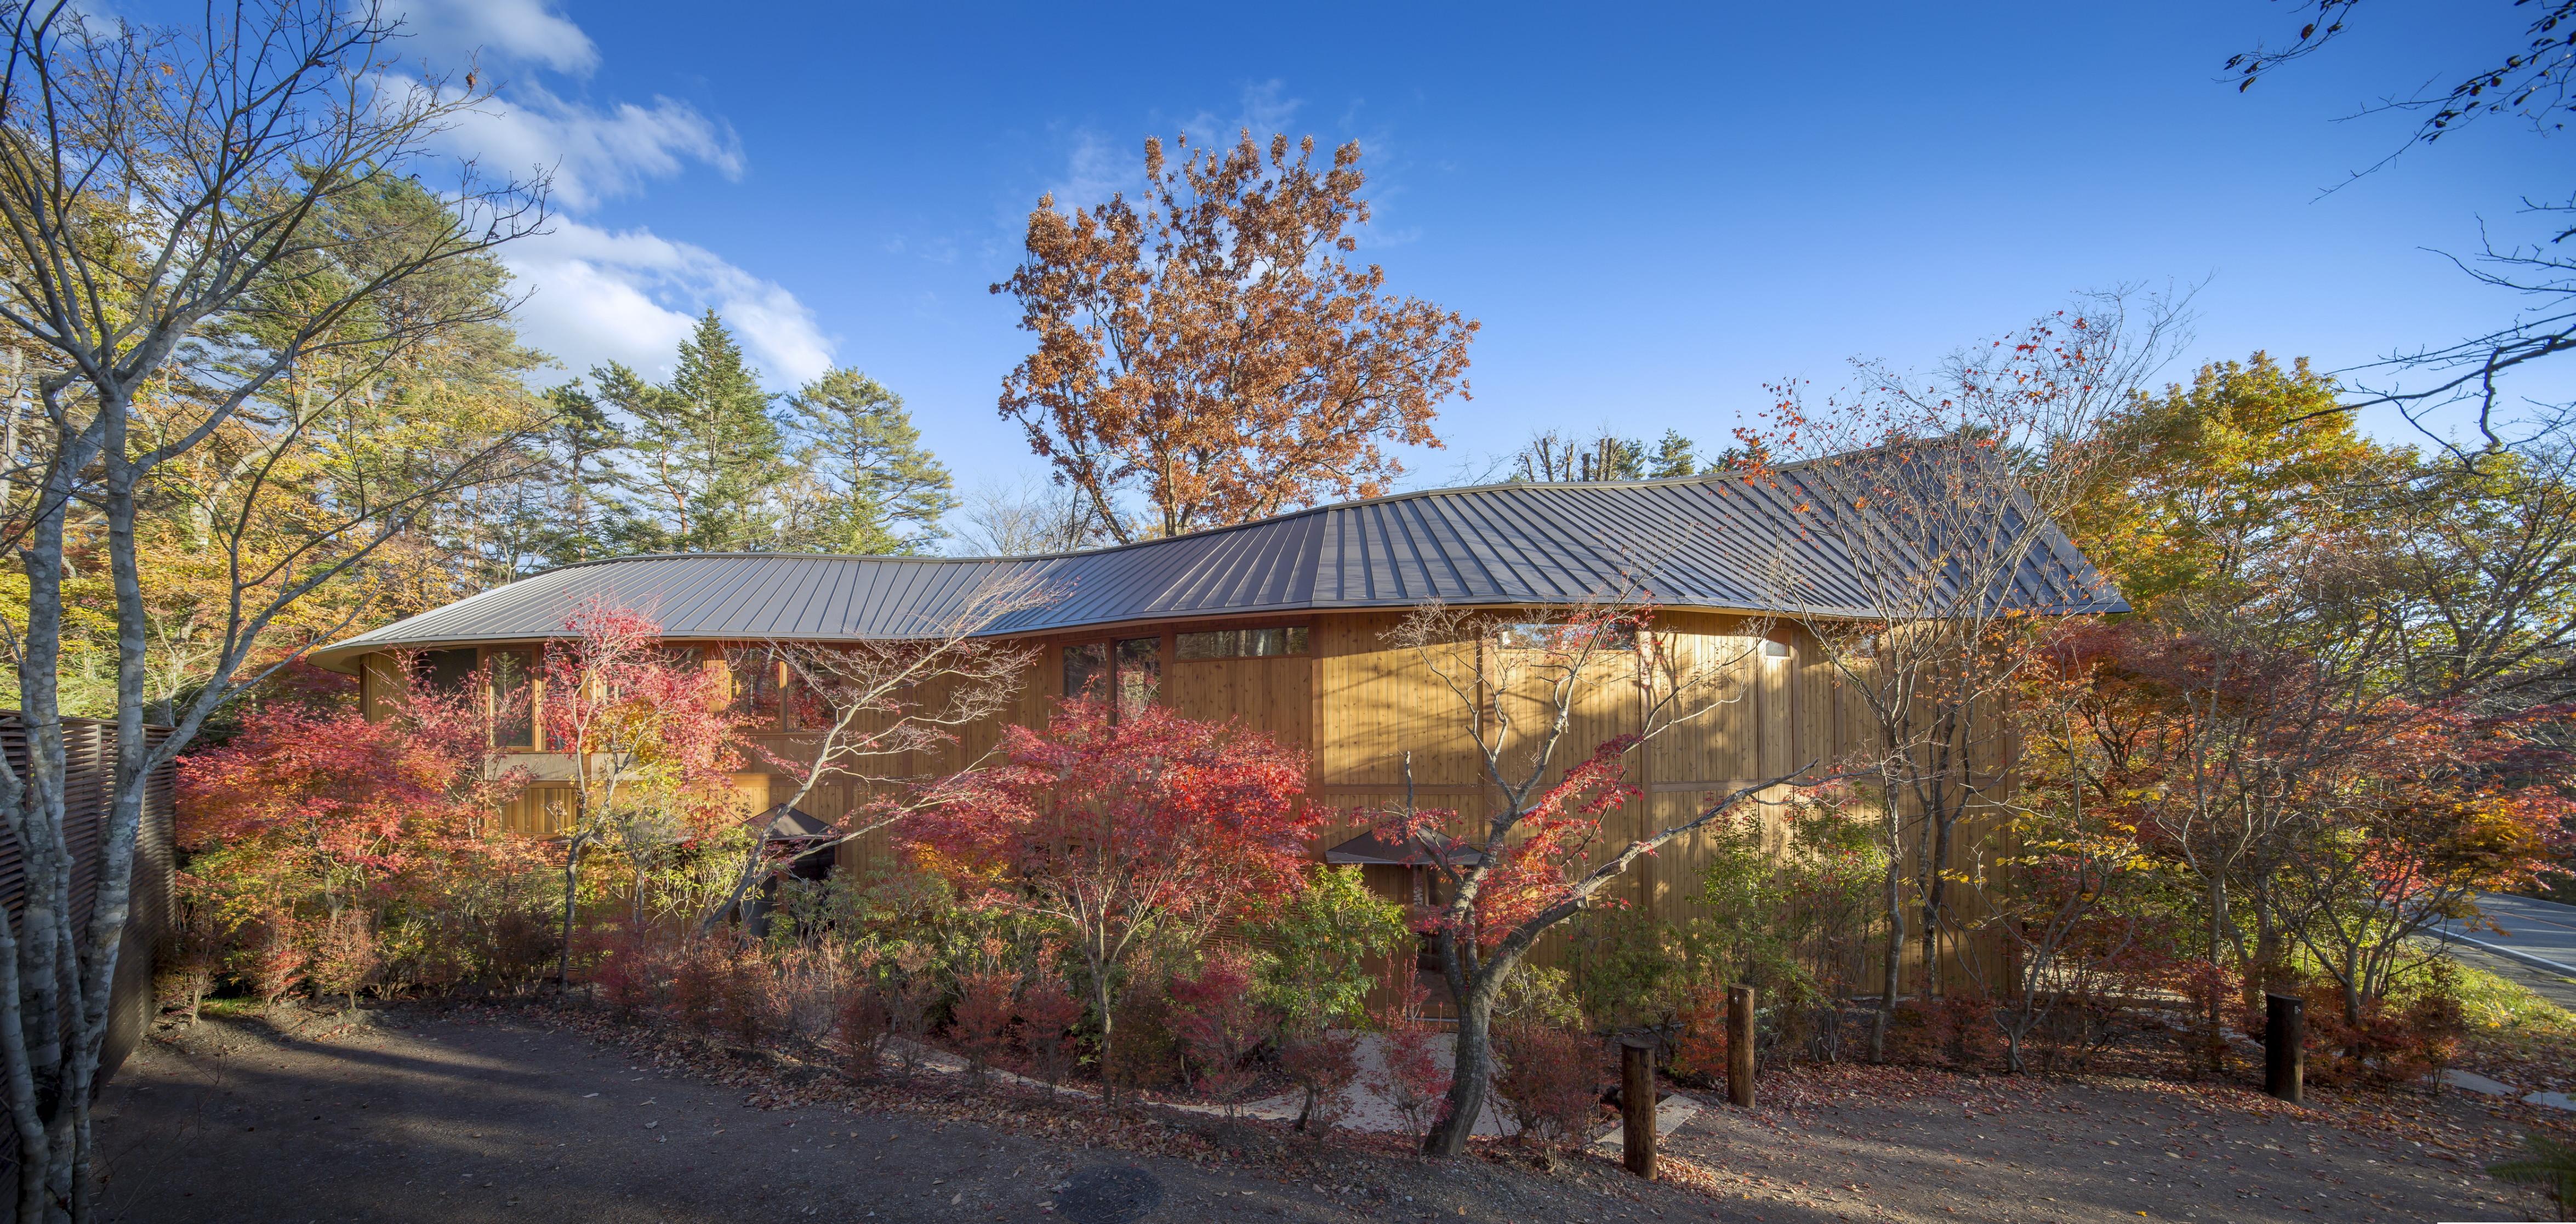 Watch This Space: Shishi-Iwa House, Designed by Pritzker Prize Laureate Shigeru Ban